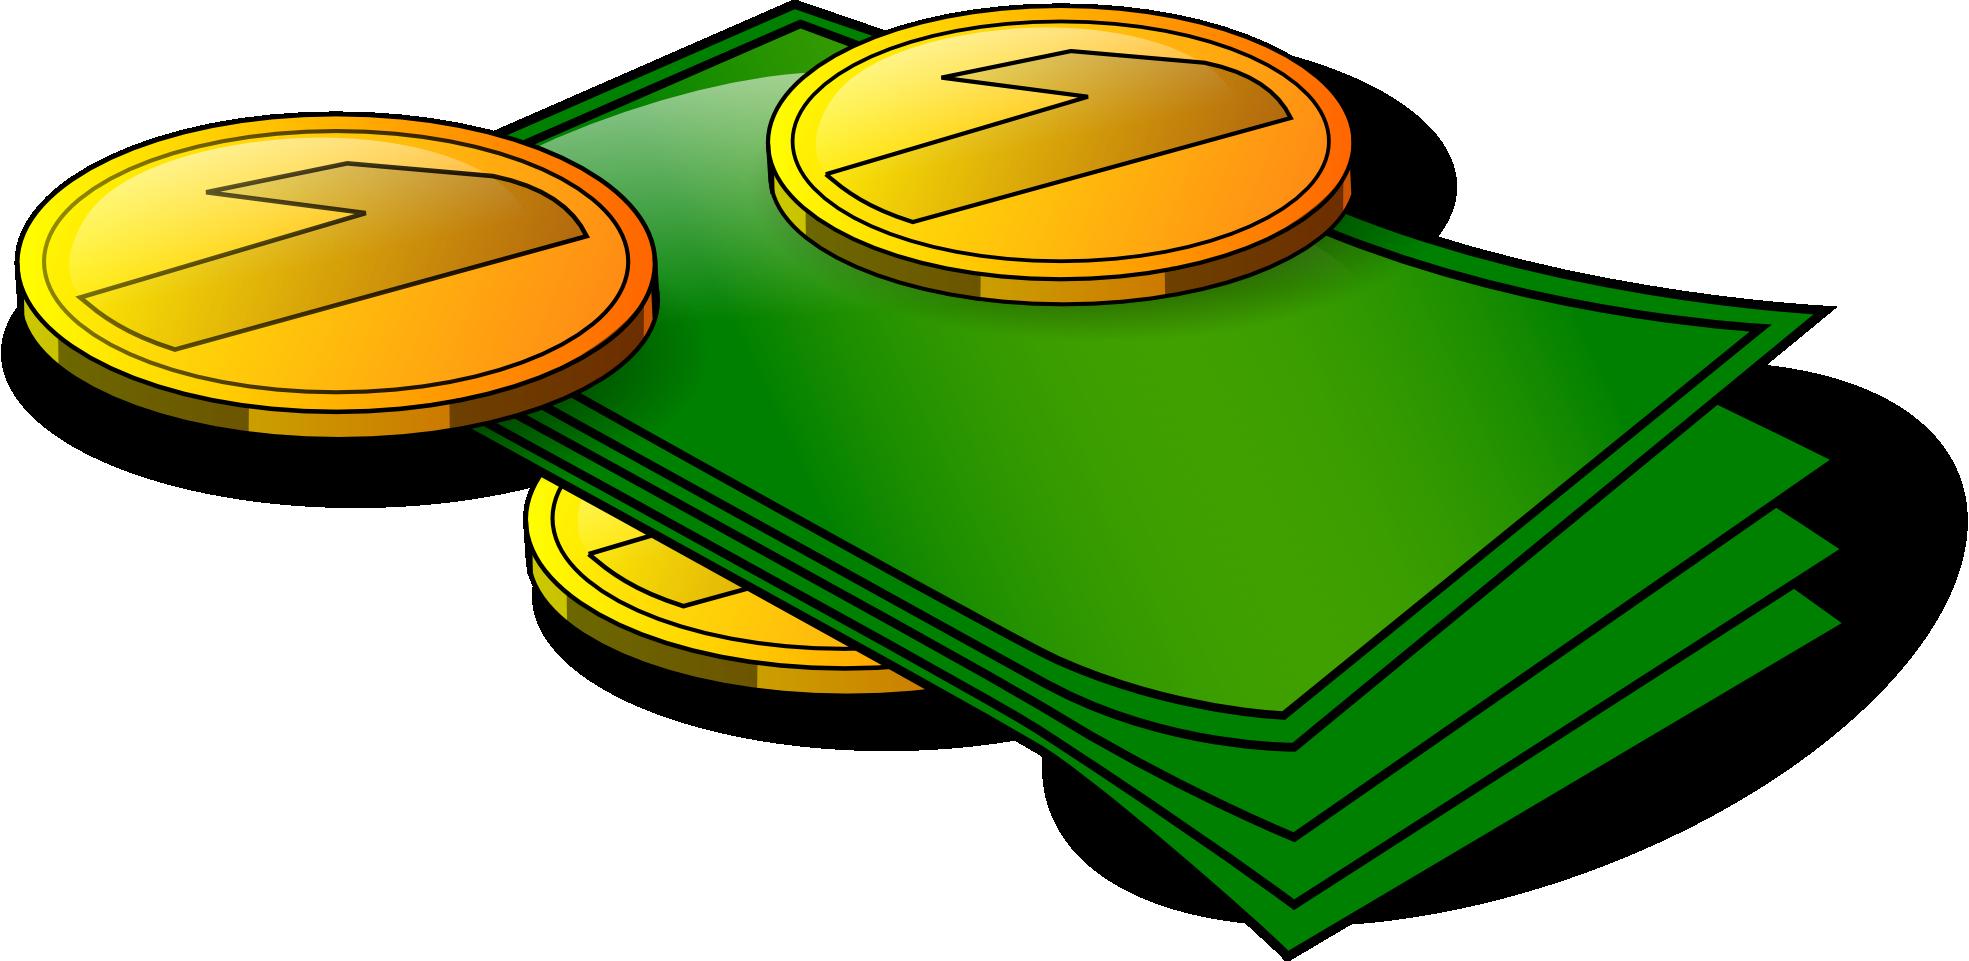 Medigap clipart svg freeuse Saving Medigap Payment Plan Learning - Money Clip Art png ... svg freeuse